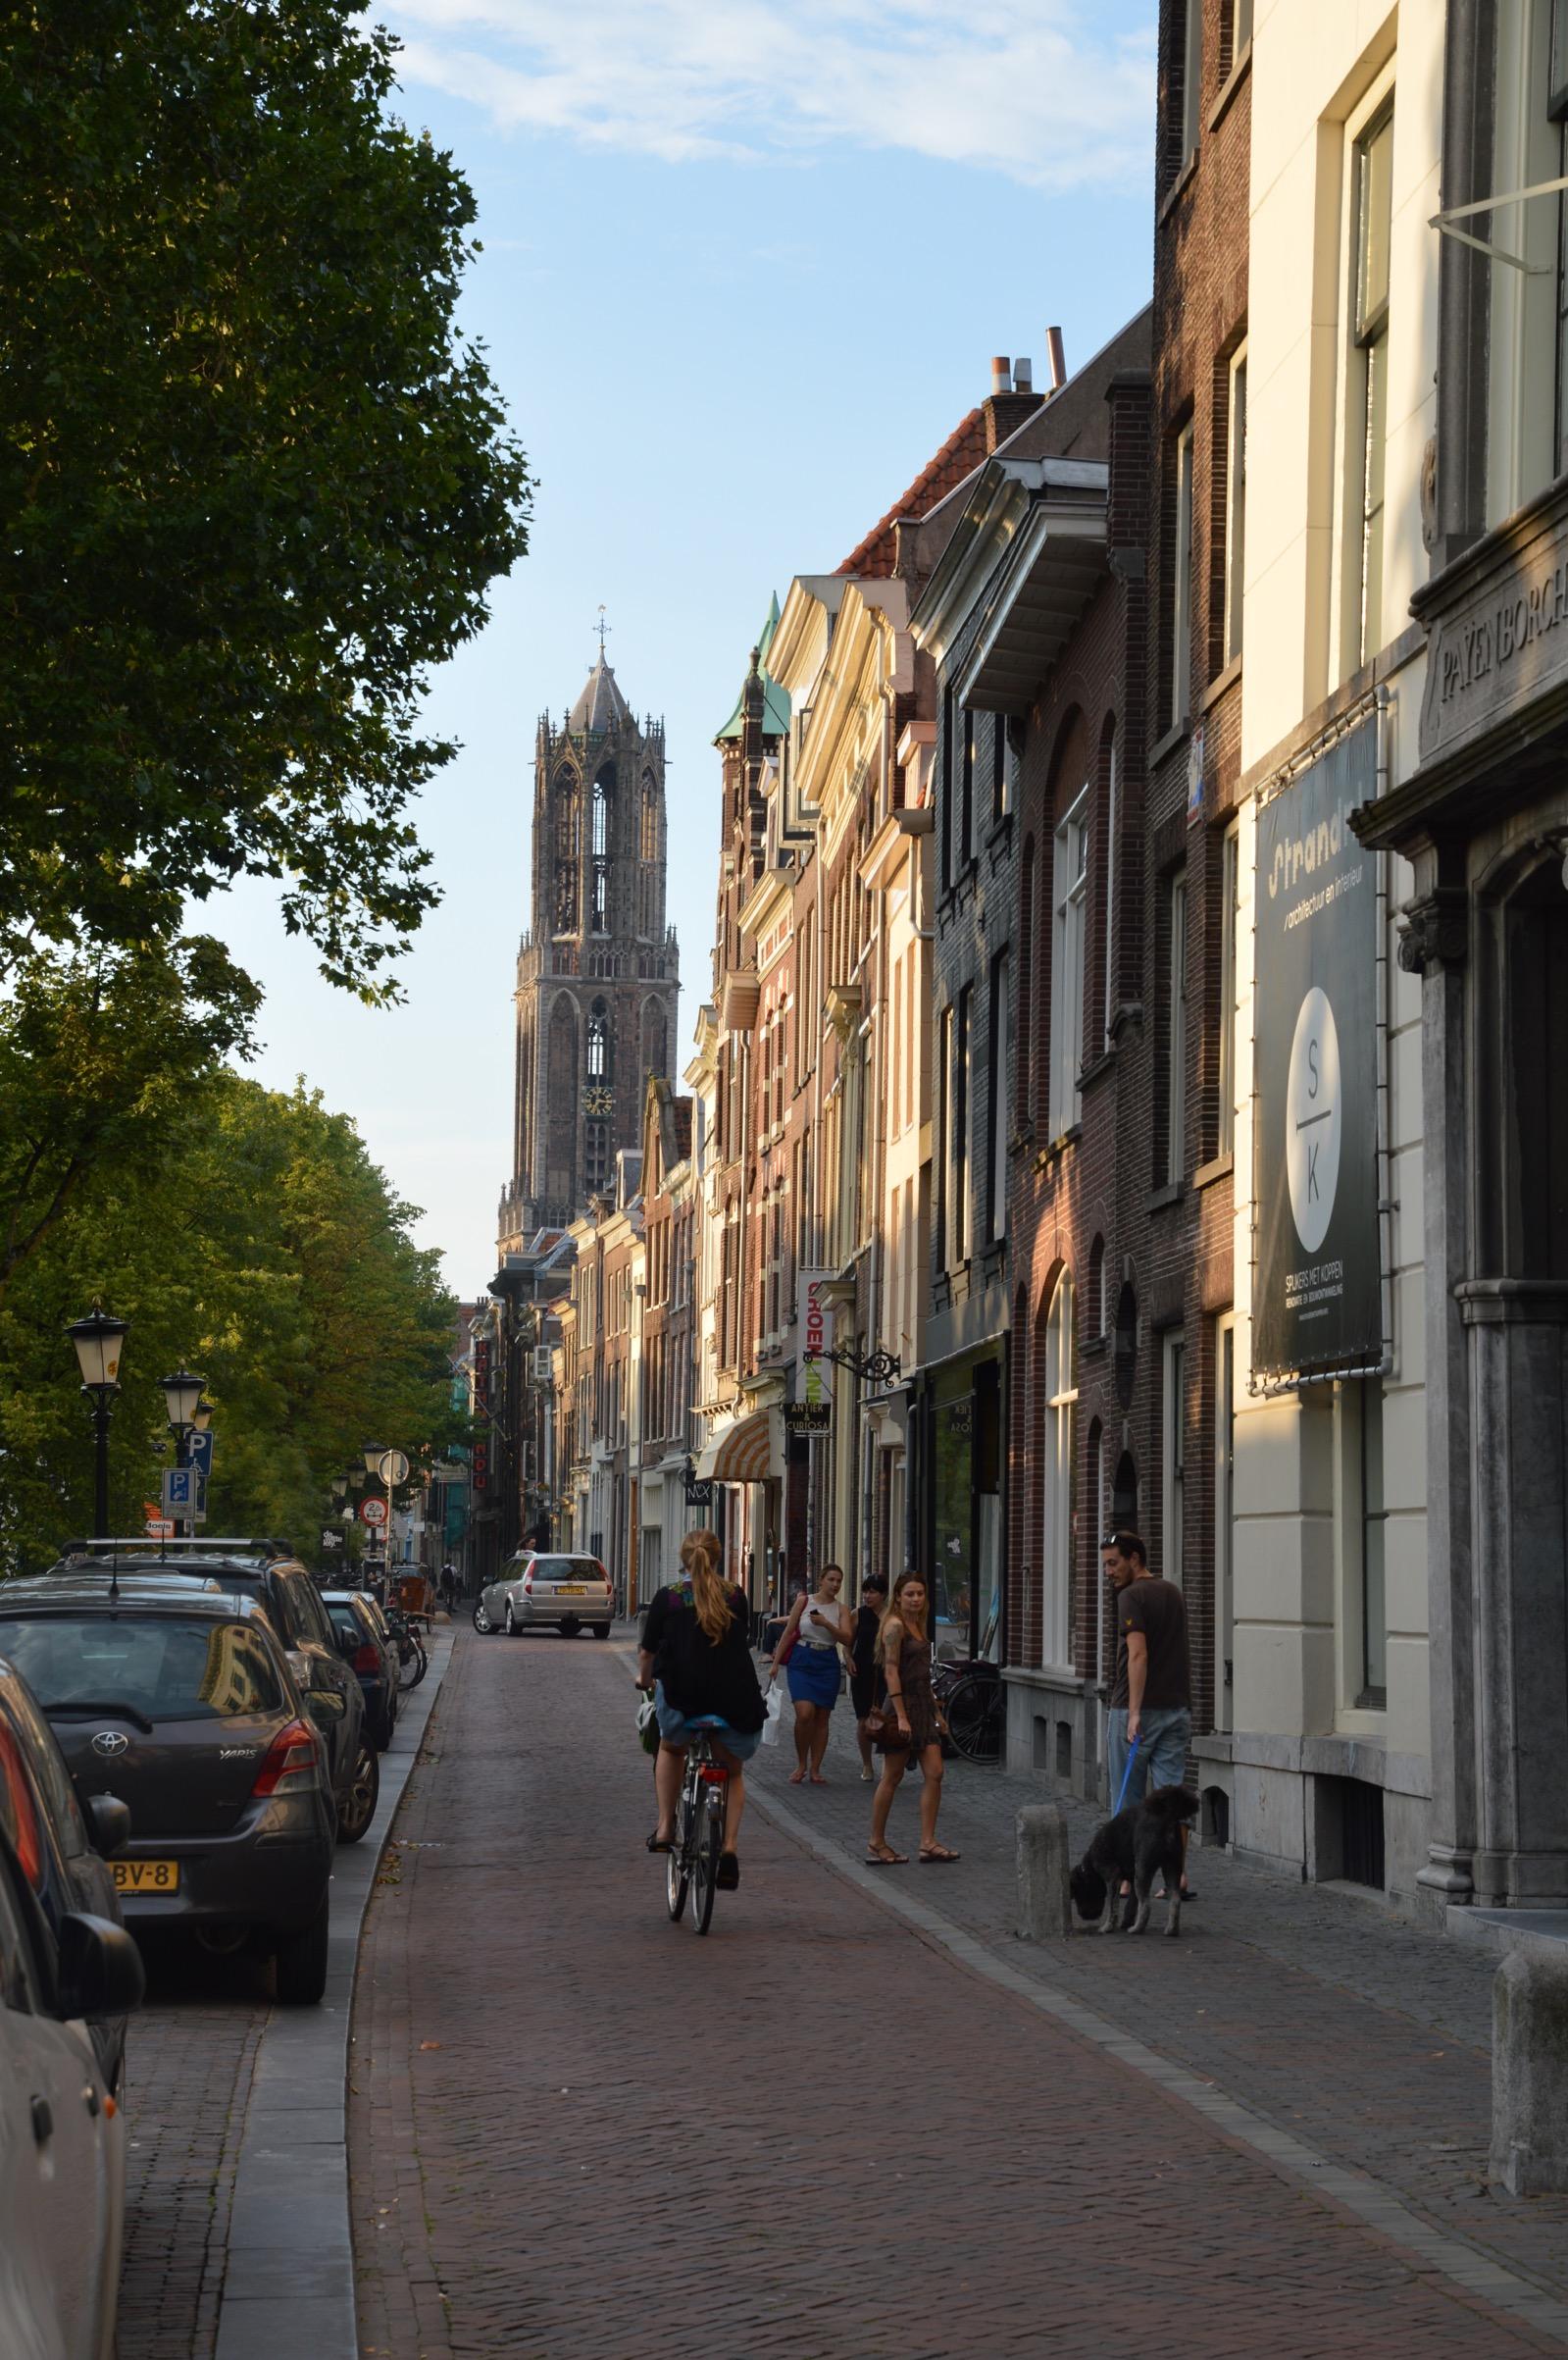 Dom Tower, Oudegracht, Utrecht, the Netherlands